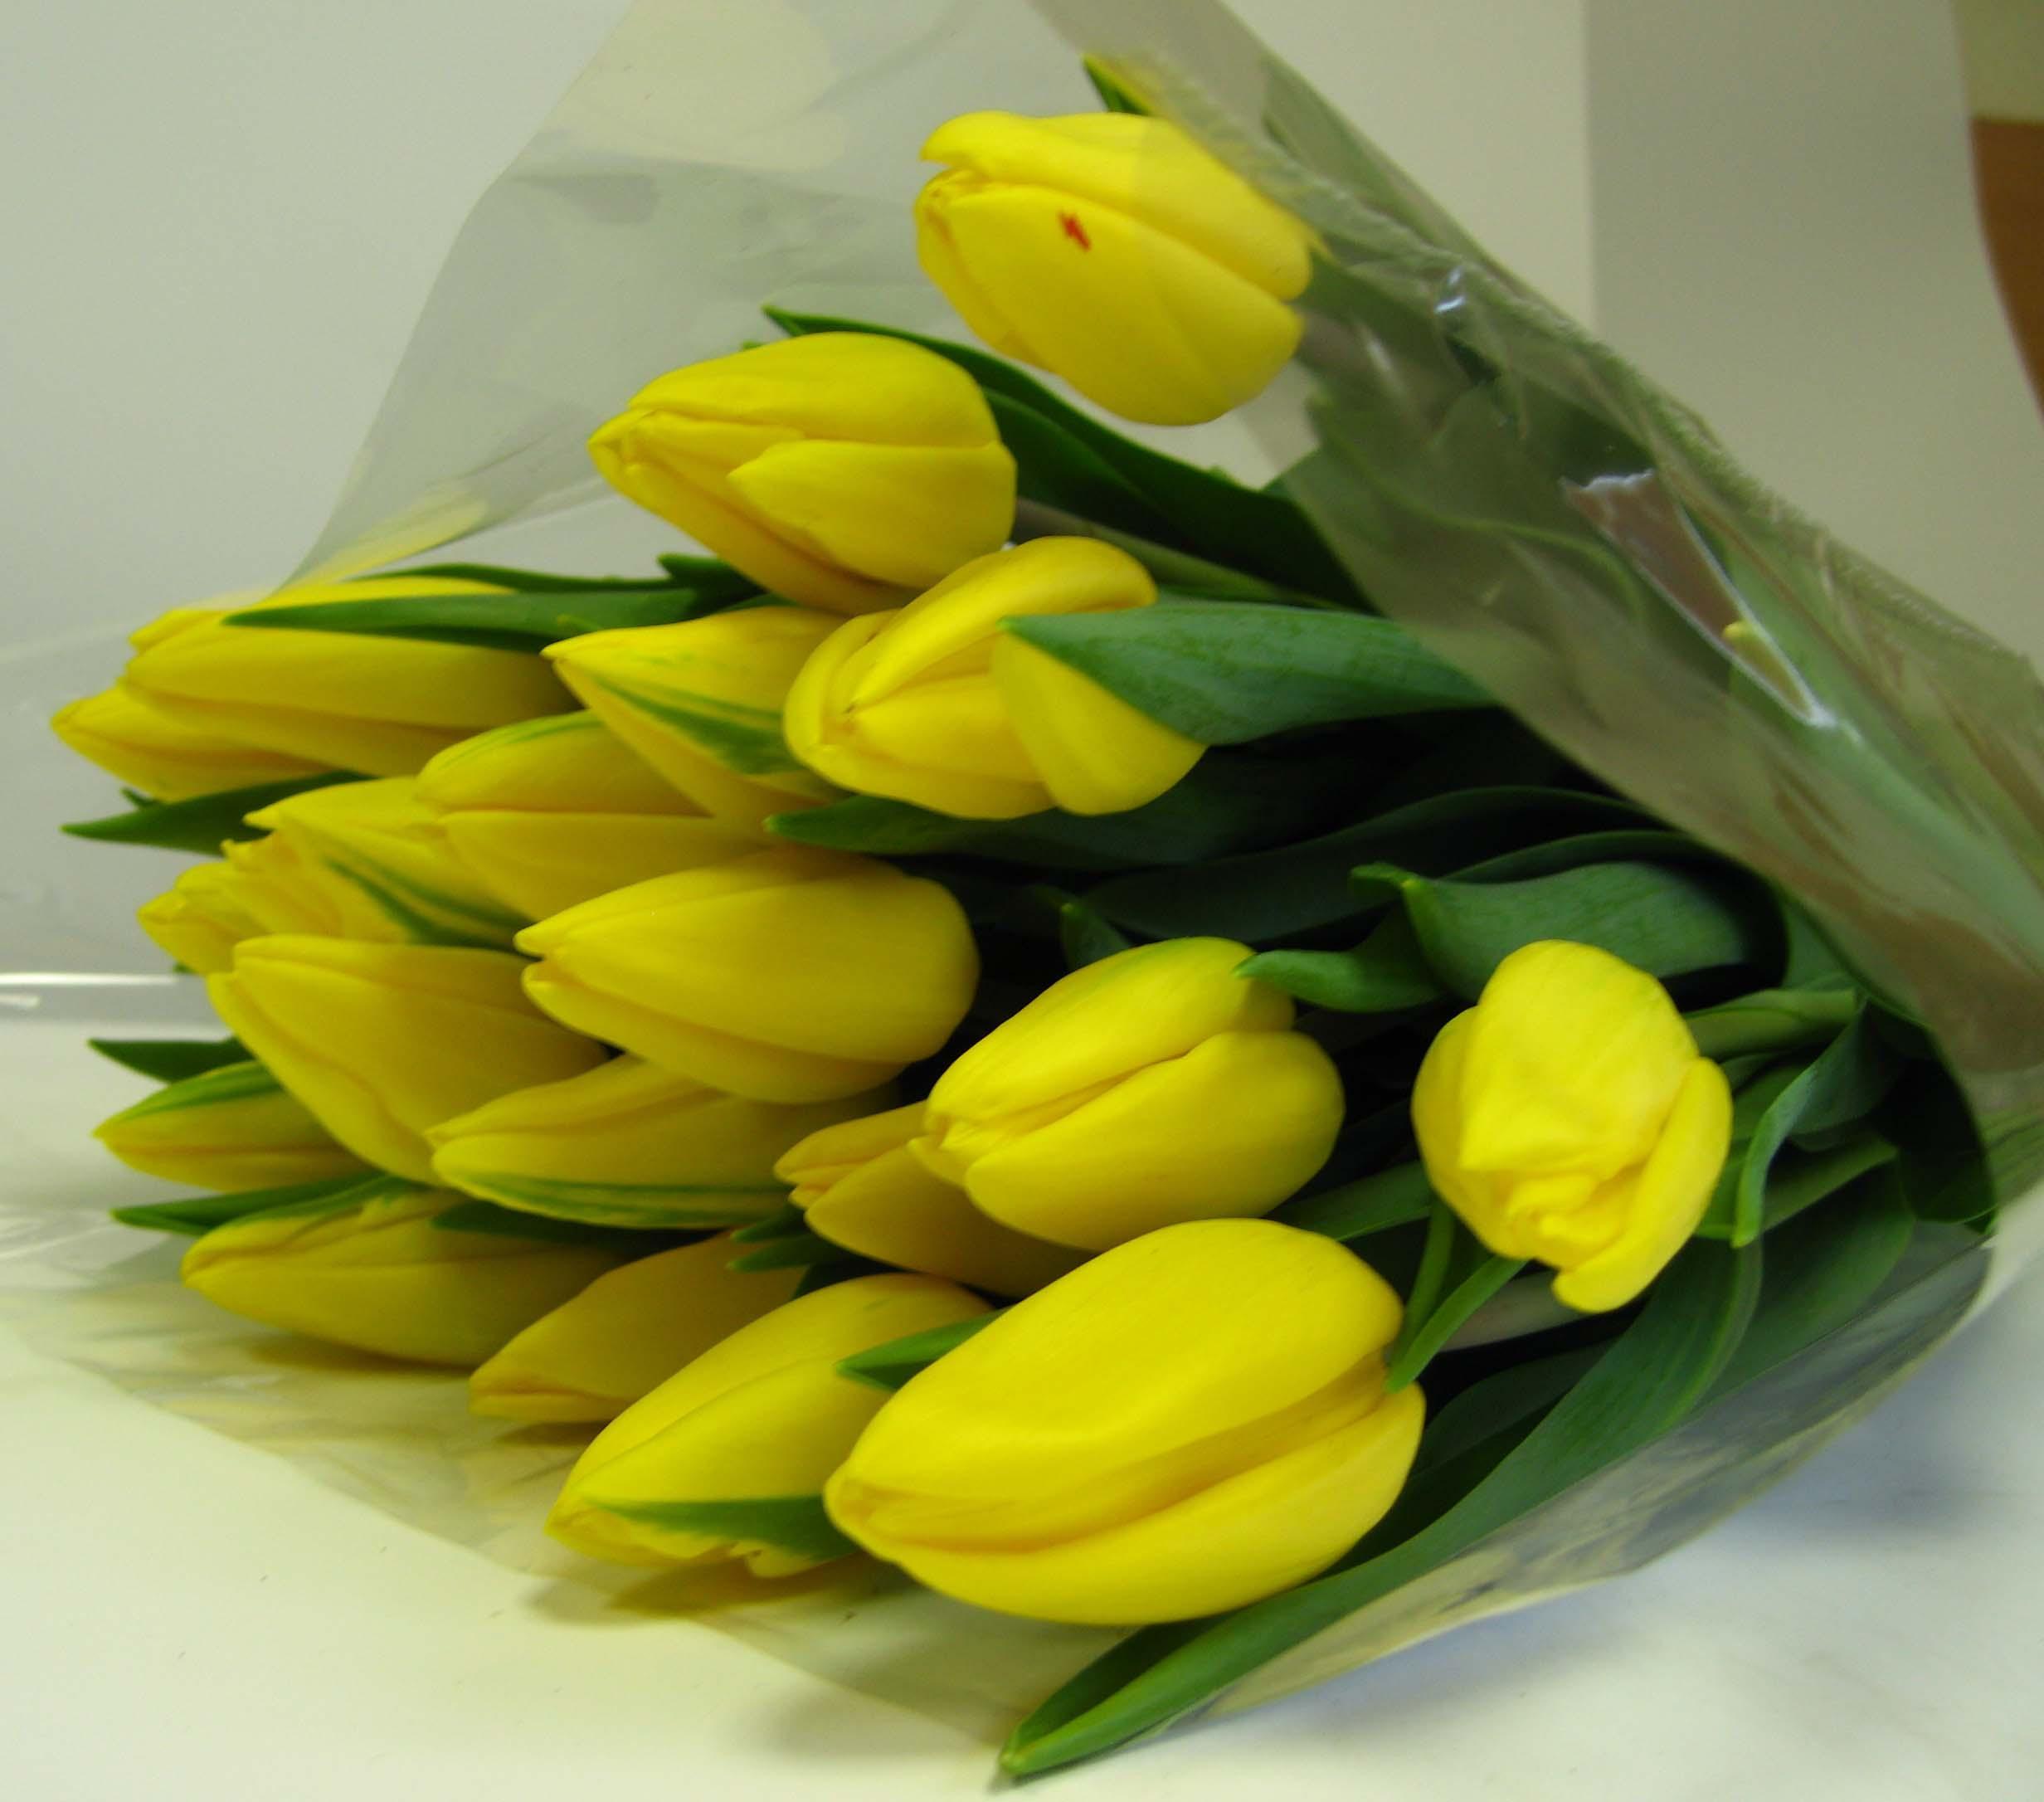 смерти фото букет желтых тюльпанов могу